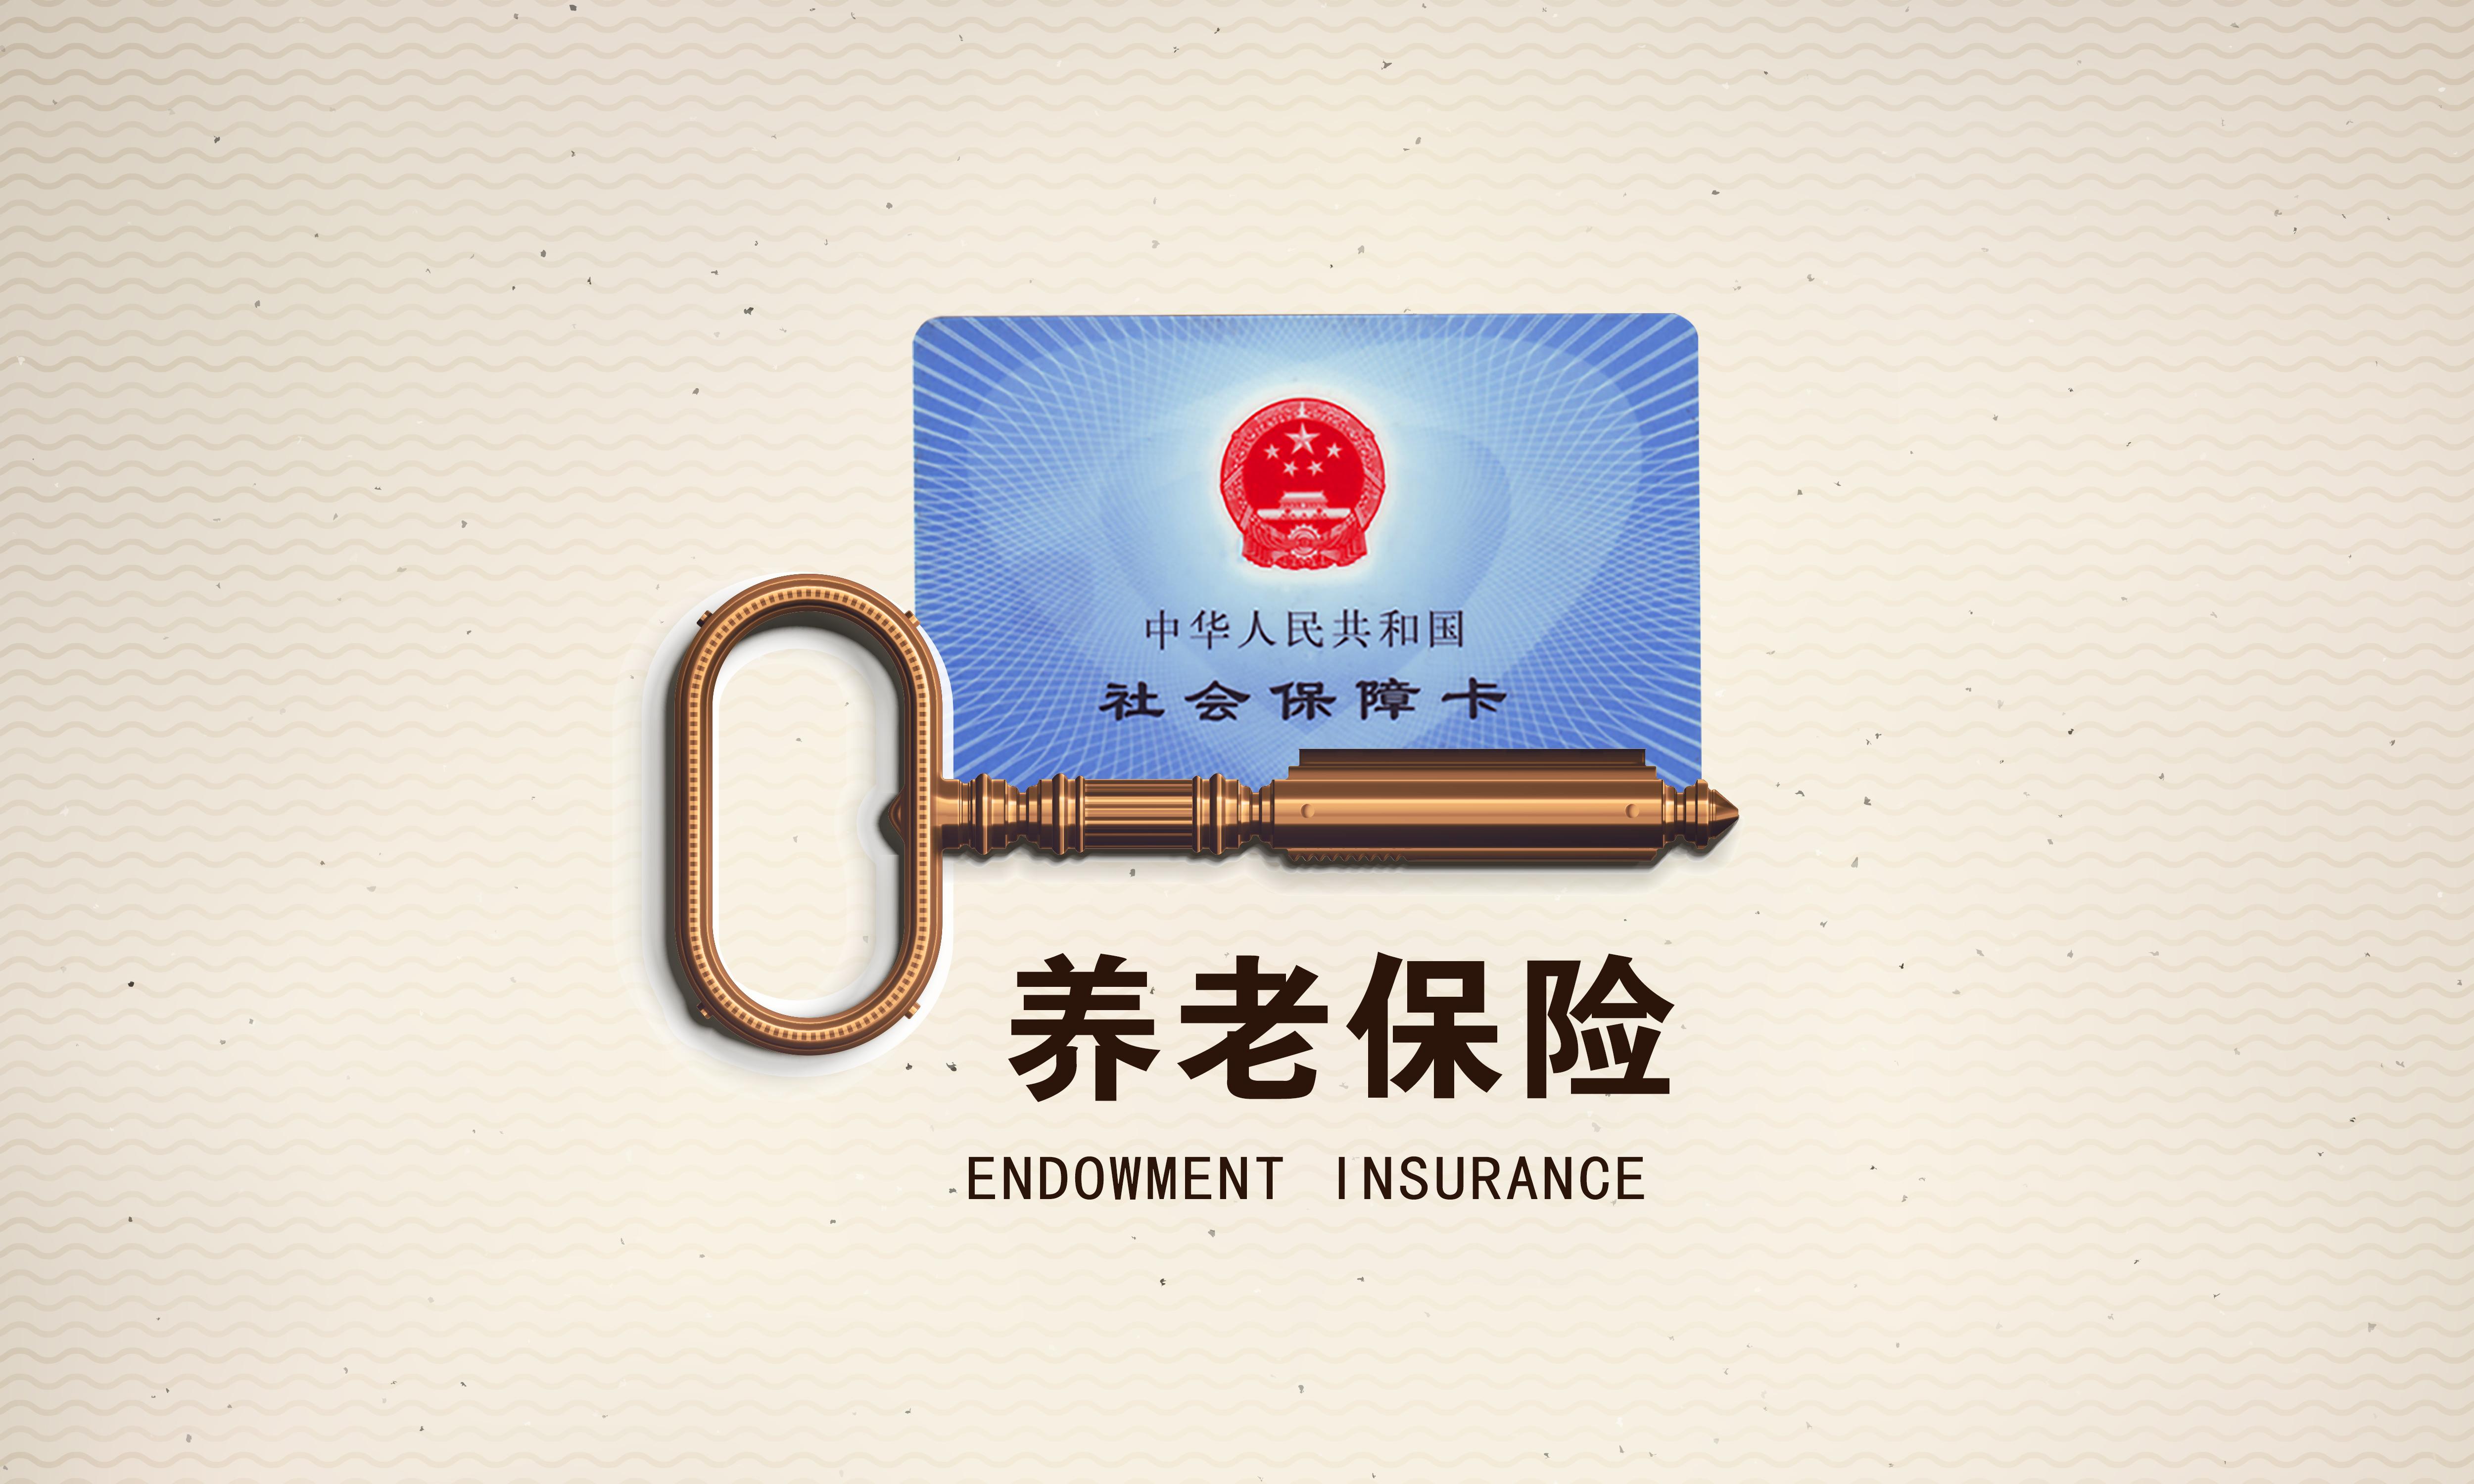 雁工云资讯87期:官宣!相关灵活就业人员政府将补贴70%社保?